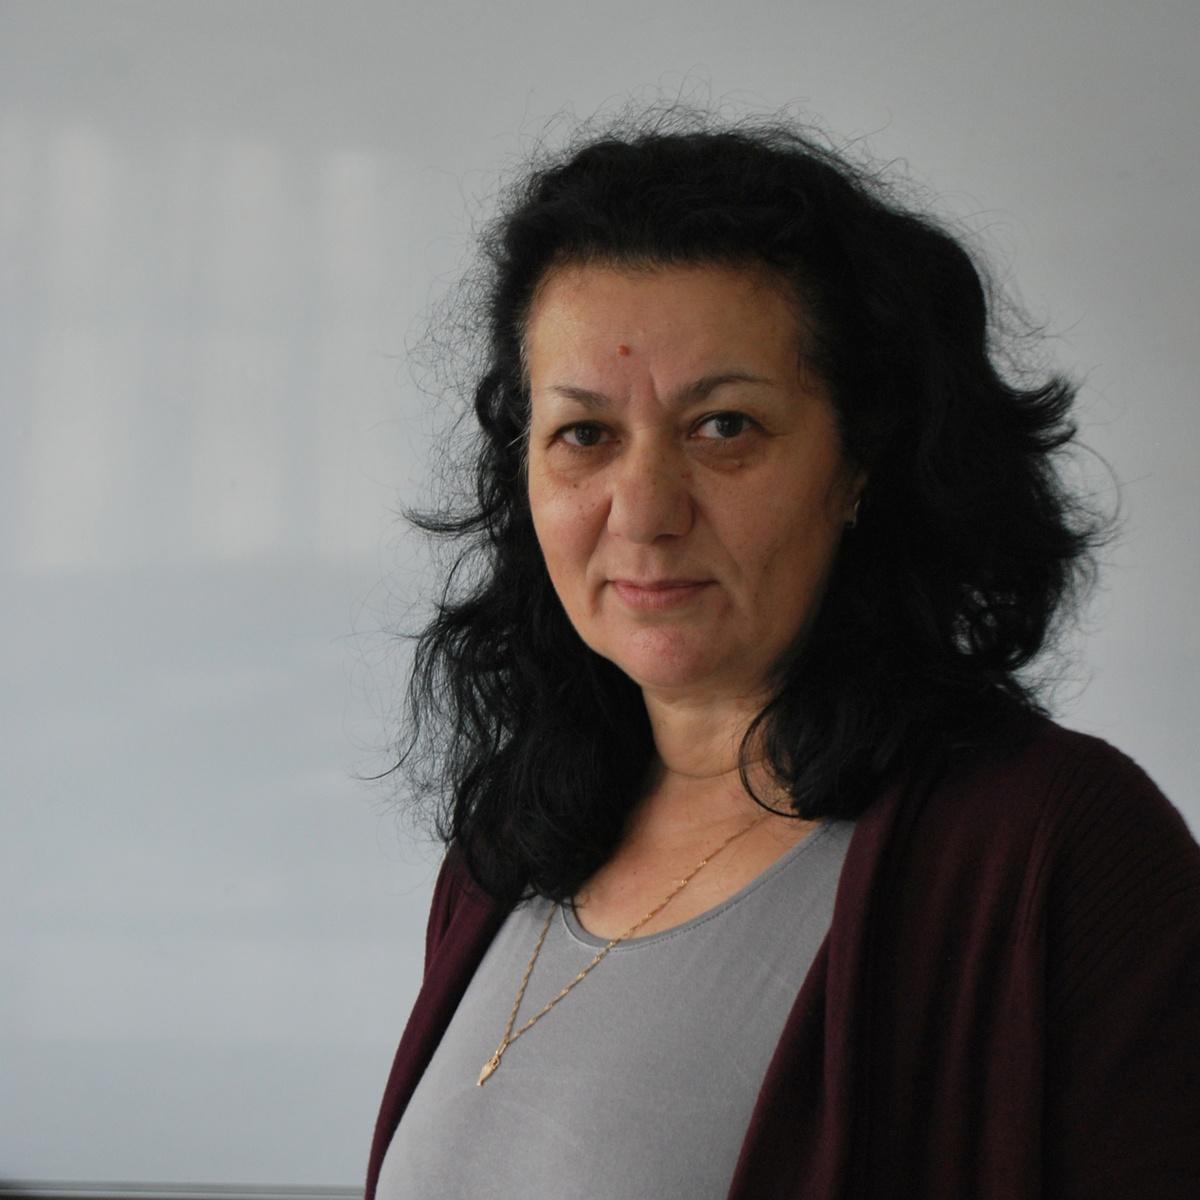 Катя Вълкова